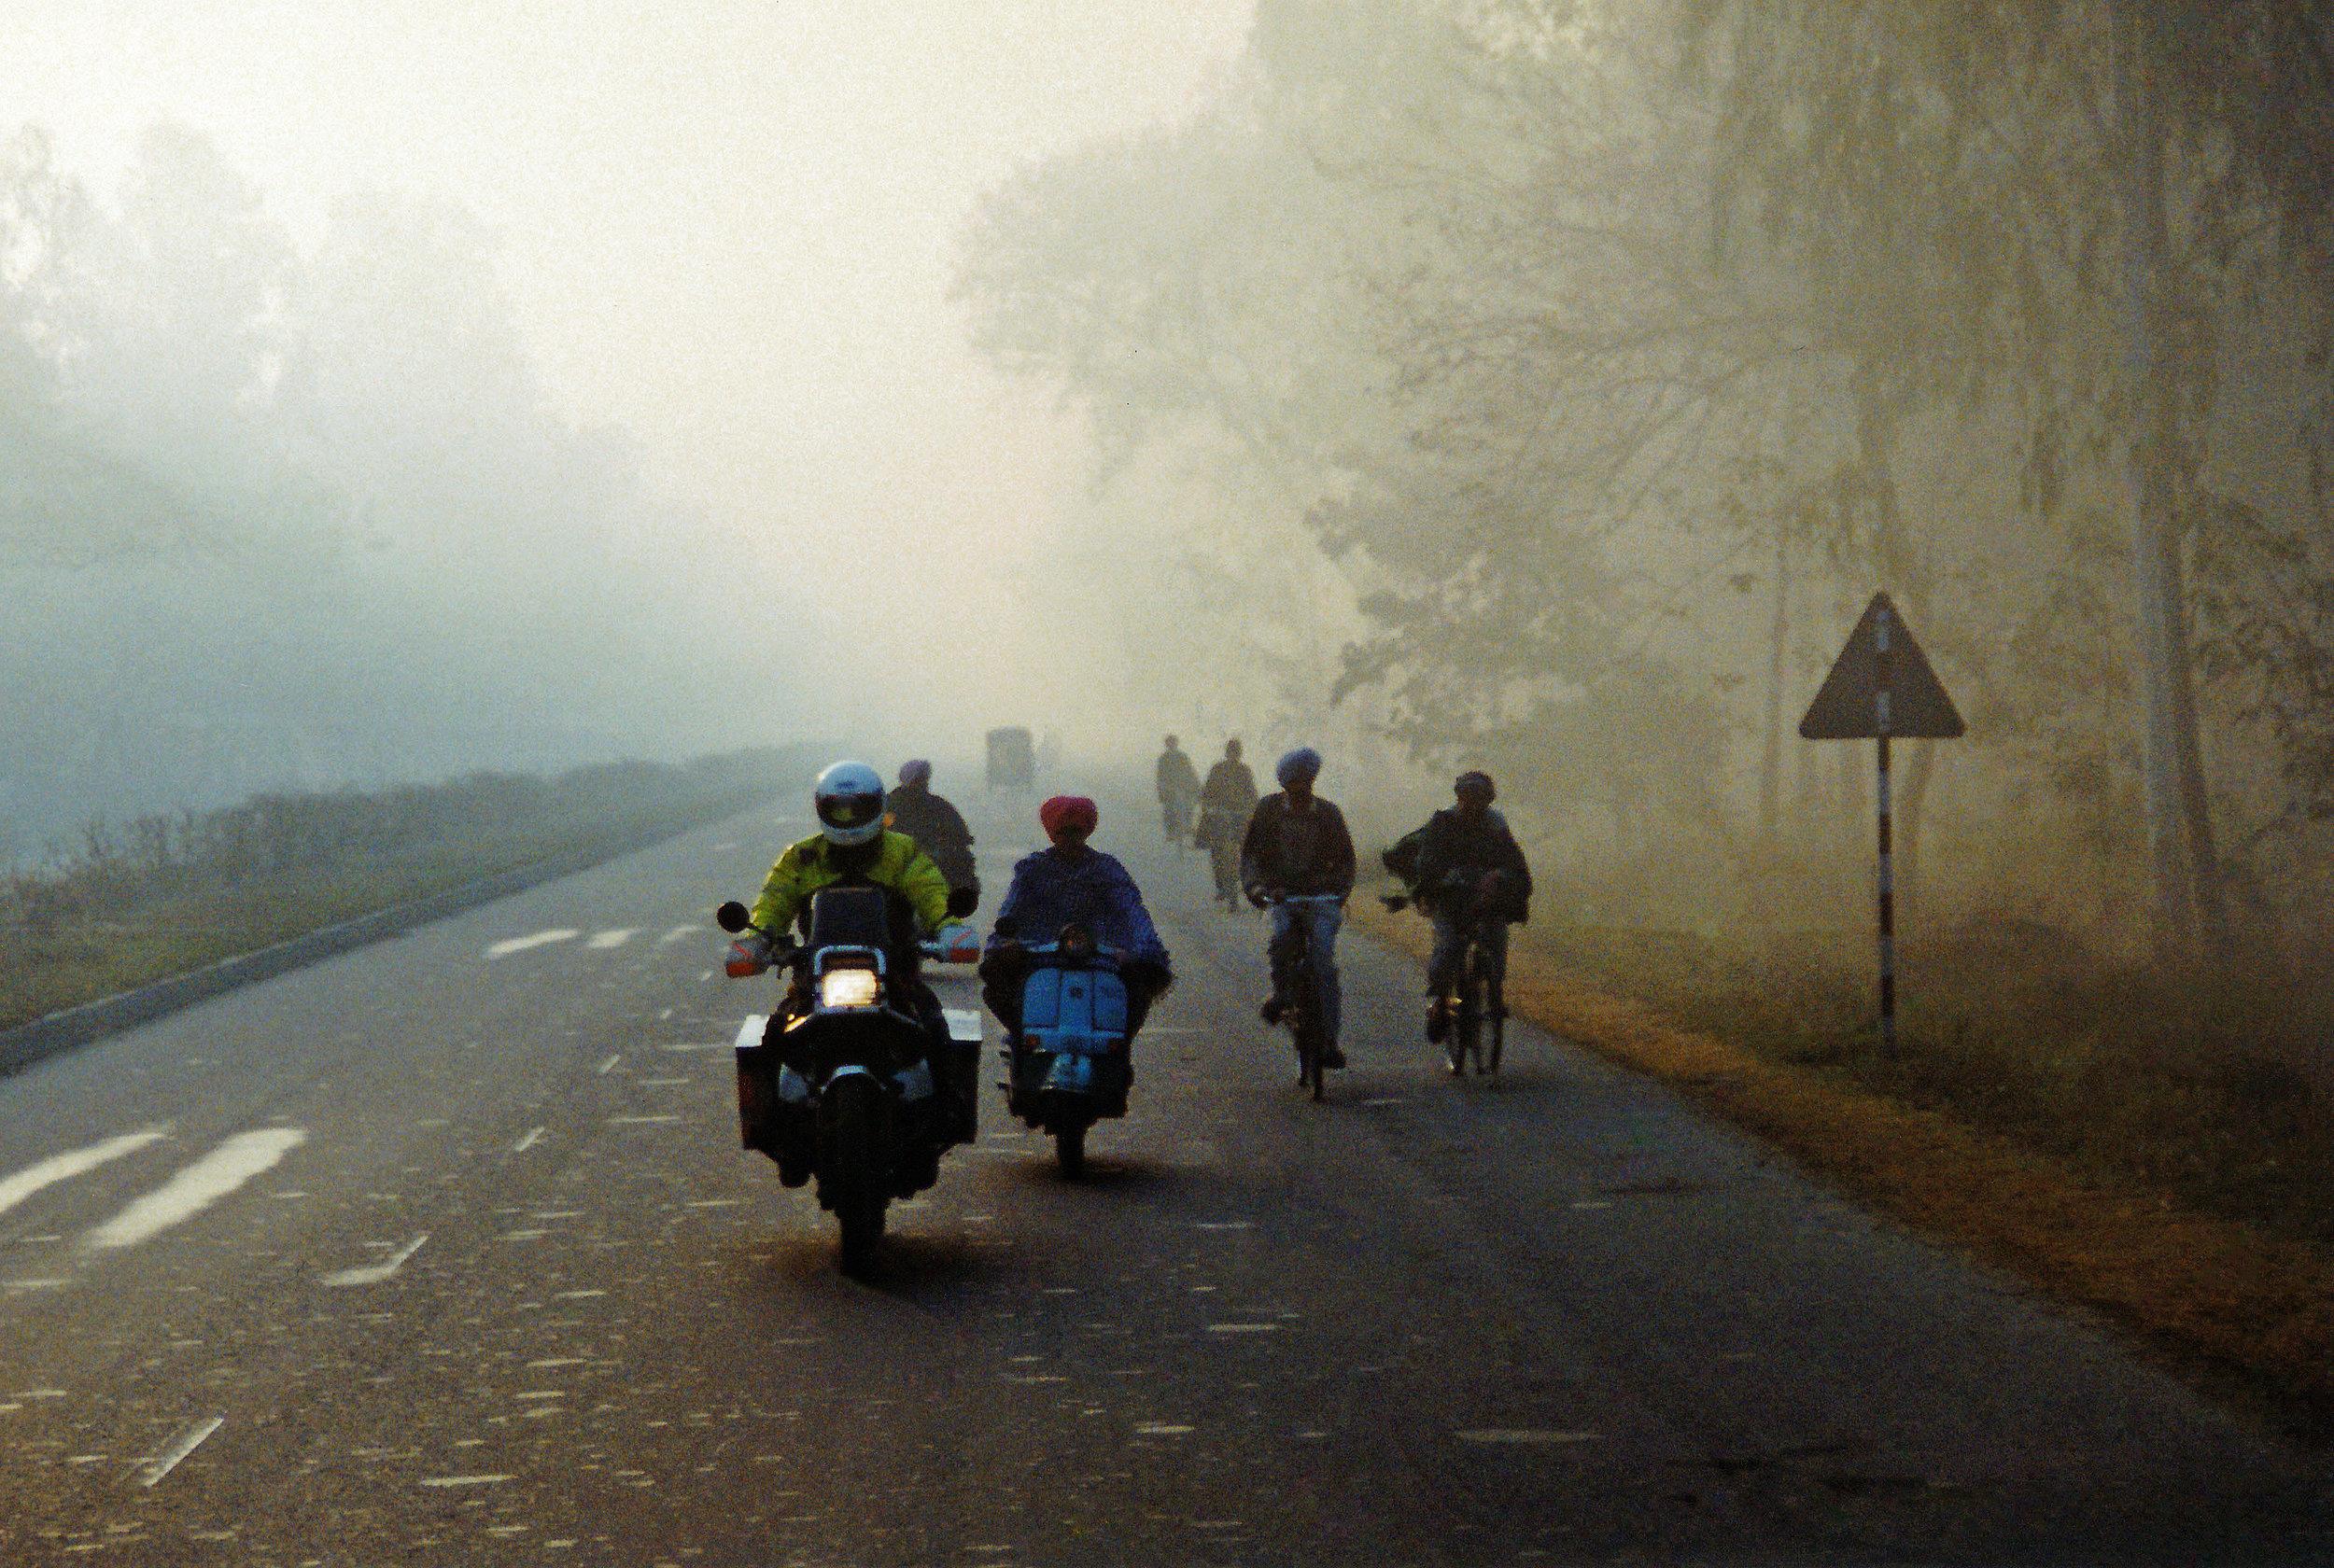 SAM MANICOM - Grand Trunk Road in India at dawn